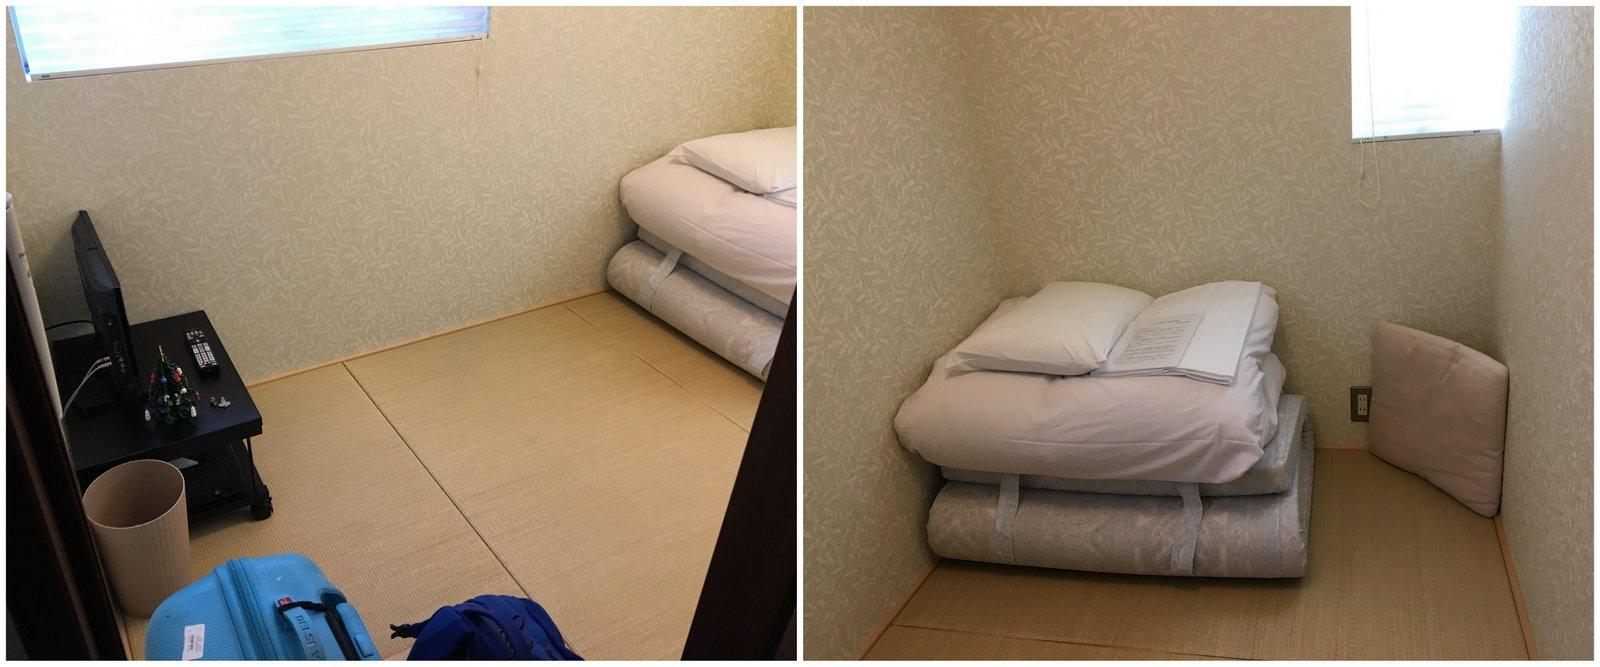 Chambre privée avec futon et tatamis à la guest house Nanohana à Kyoto